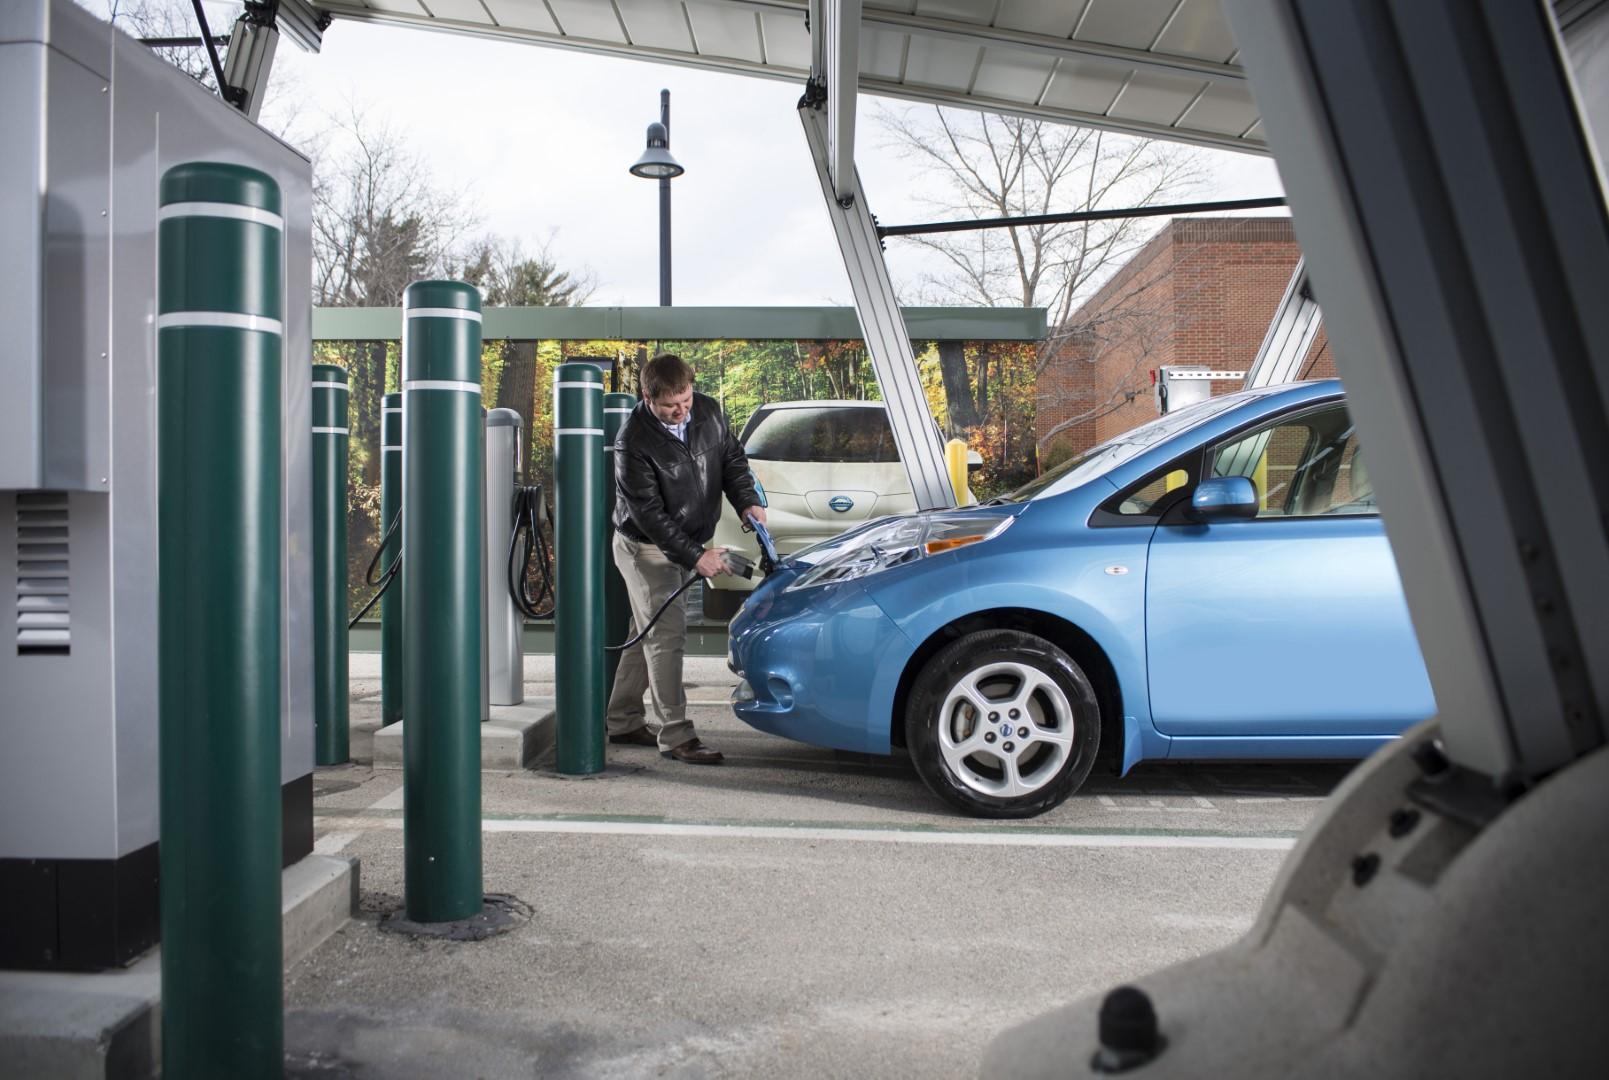 50% од новите автомобили по 15 години ќе бидат електрични